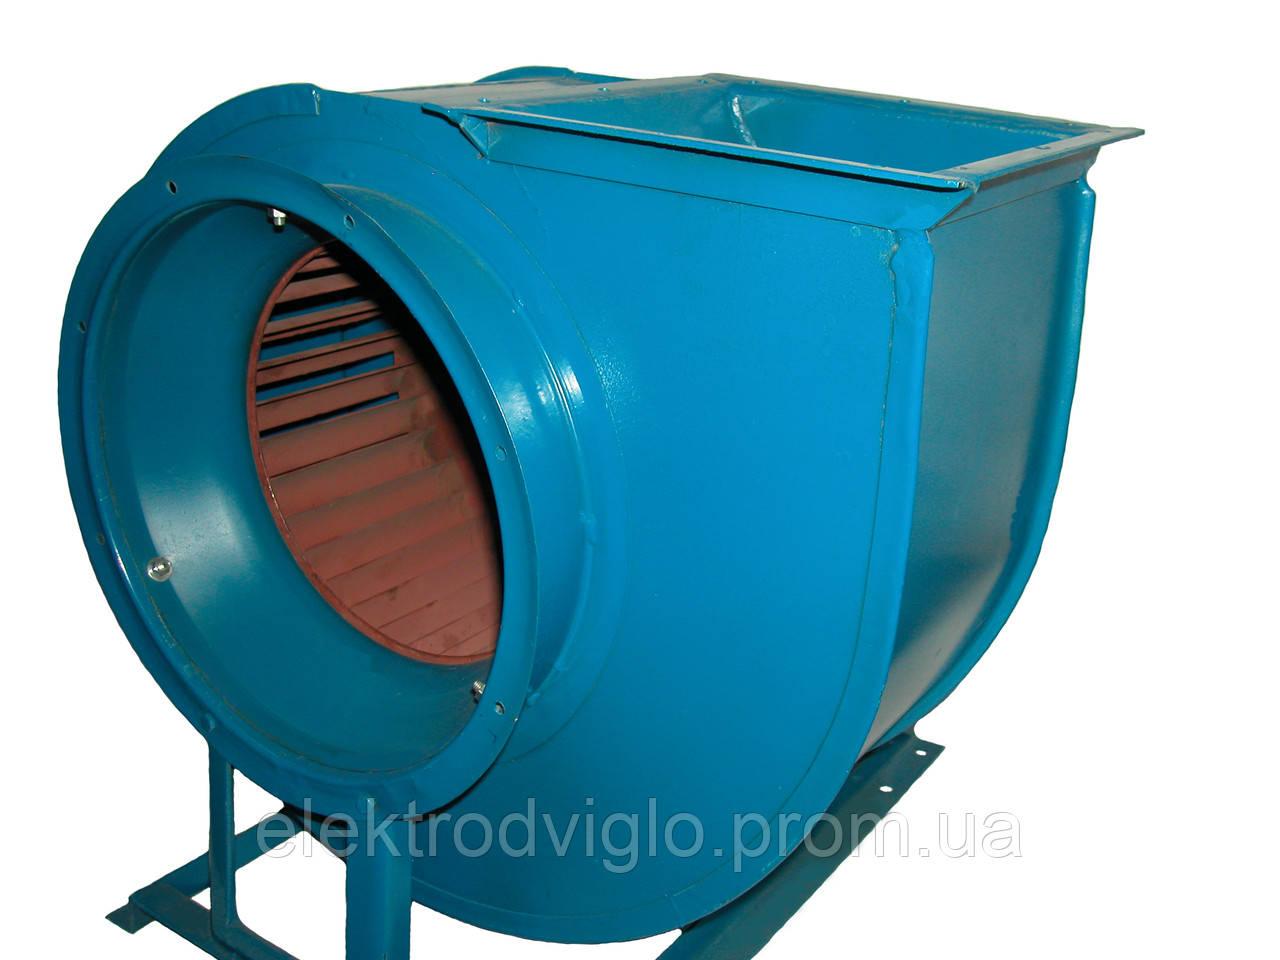 Вентилятор ВЦ 14-46 №5 11кВт 1000об, фото 1